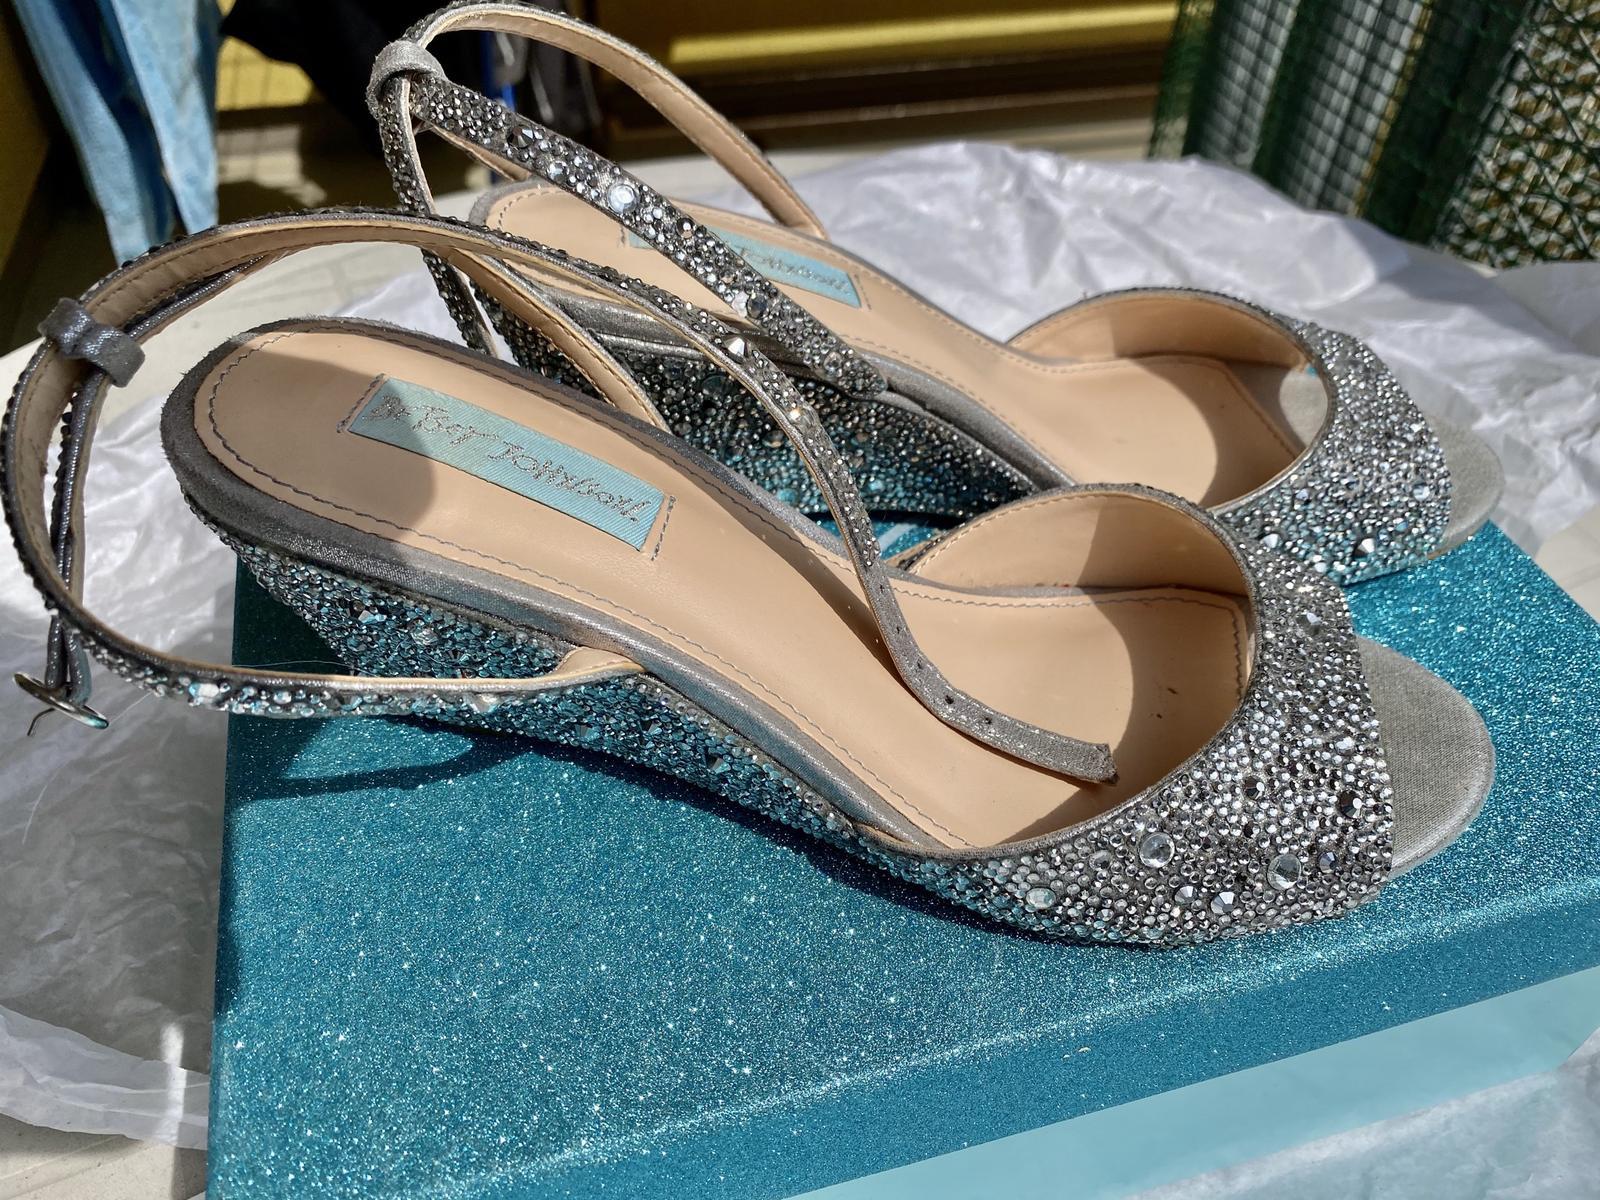 Svatební botičky s kamínky - Obrázek č. 1